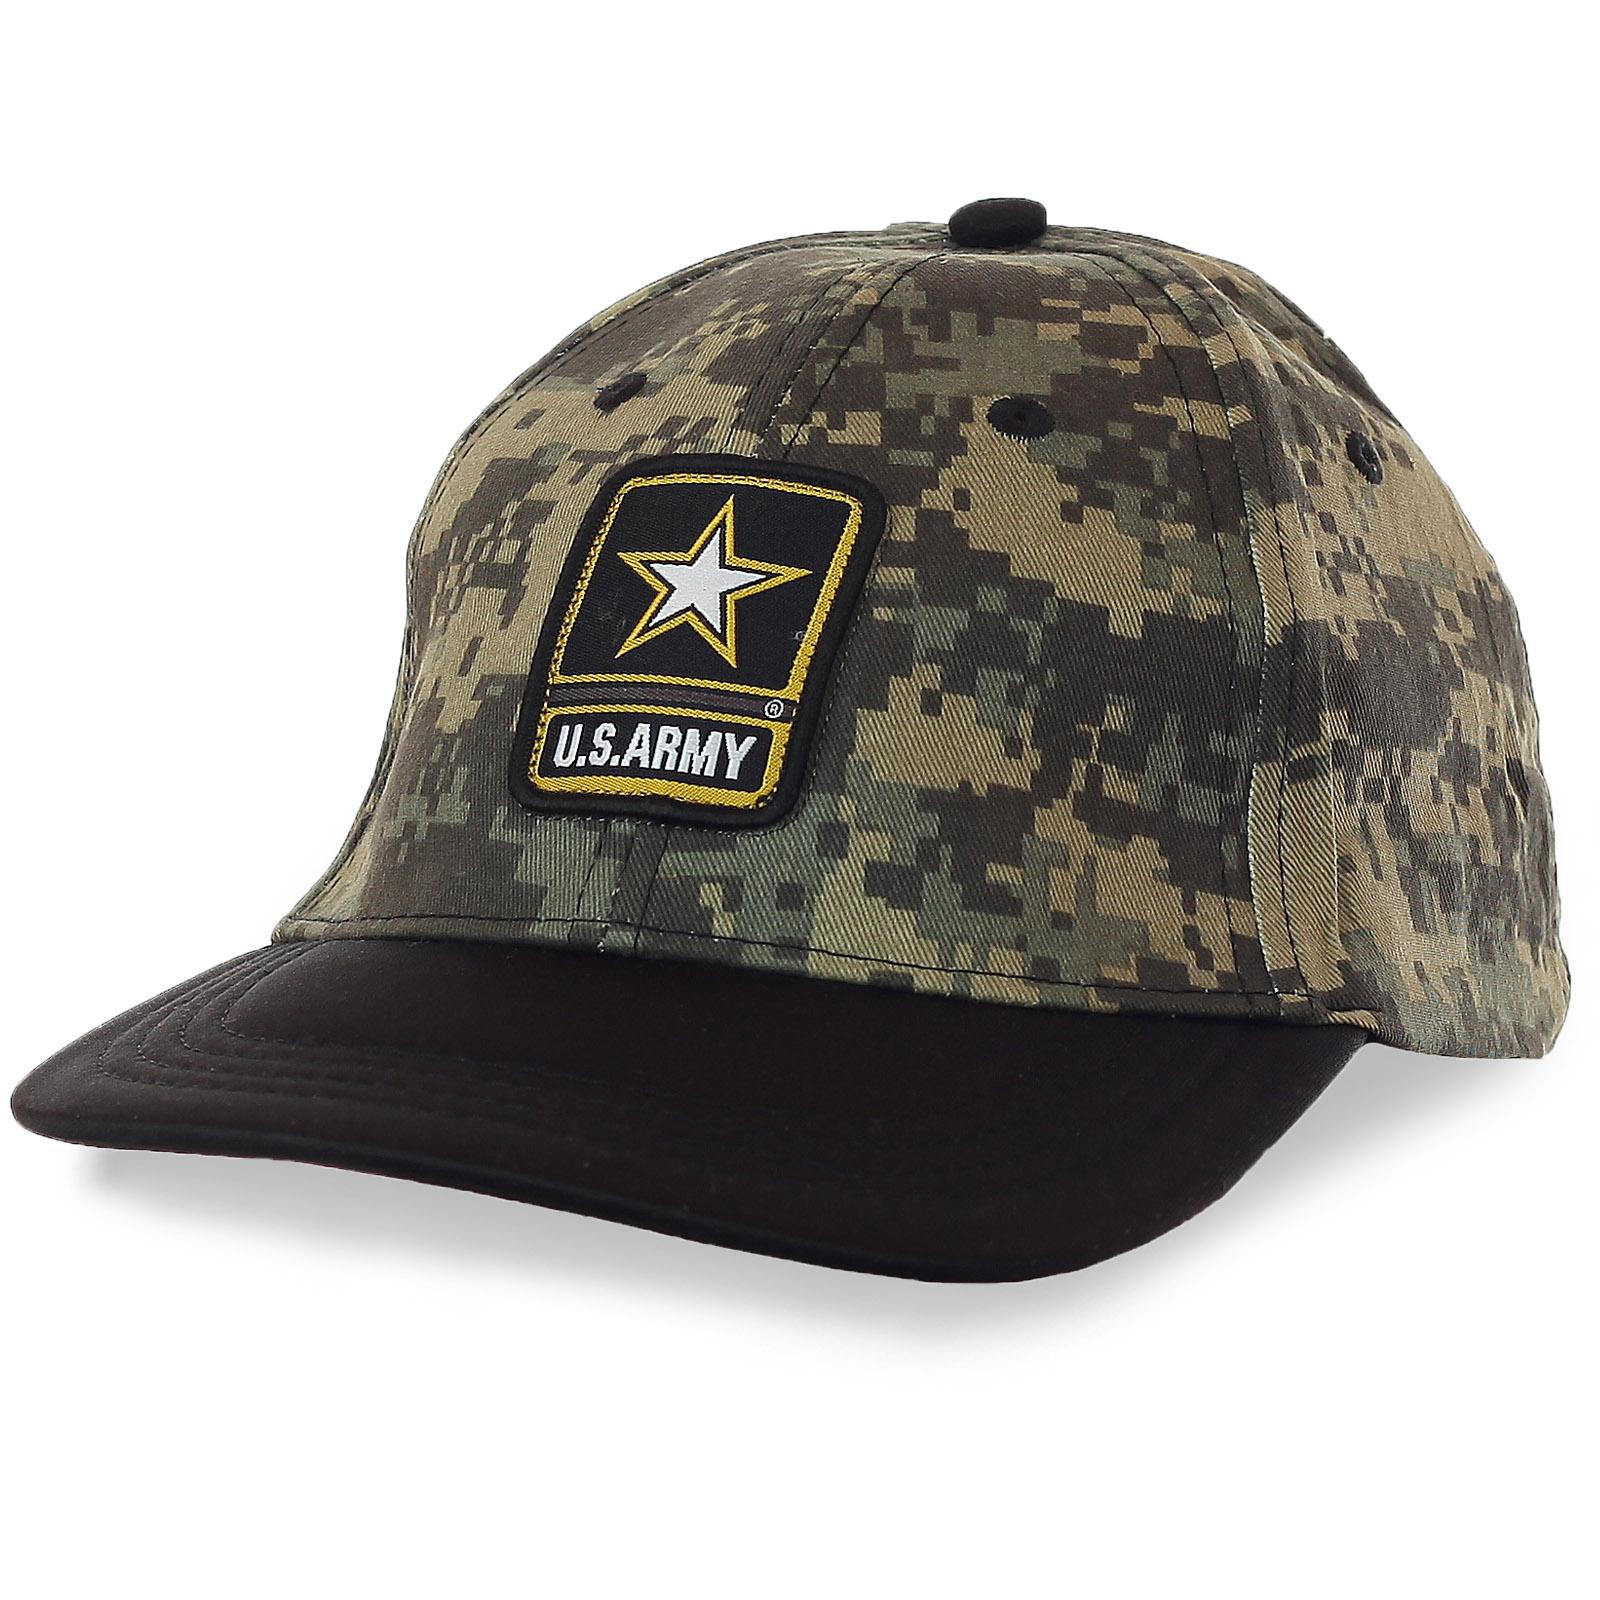 Военная кепка U.S.Army – пиксельный камуфляж «Флора» обеспечивает маскировку и в статичном положении, и в движении